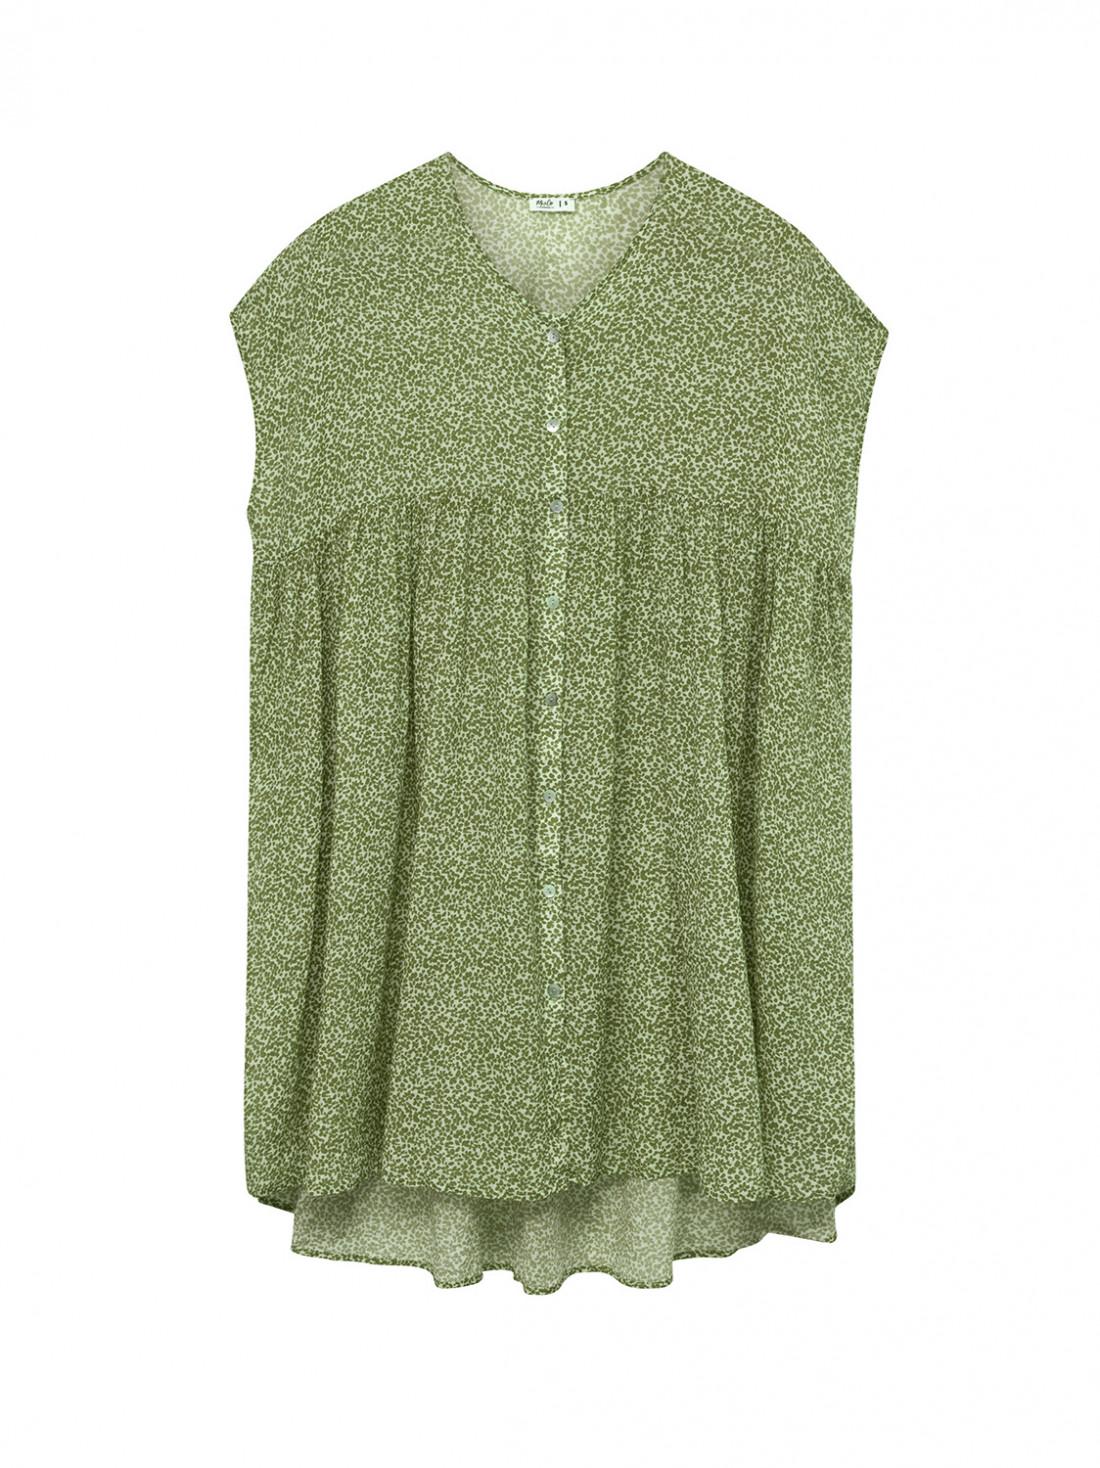 Vestido corto estampado verde, fluido, de pico, manga corta.55% algodón 45% viscosa